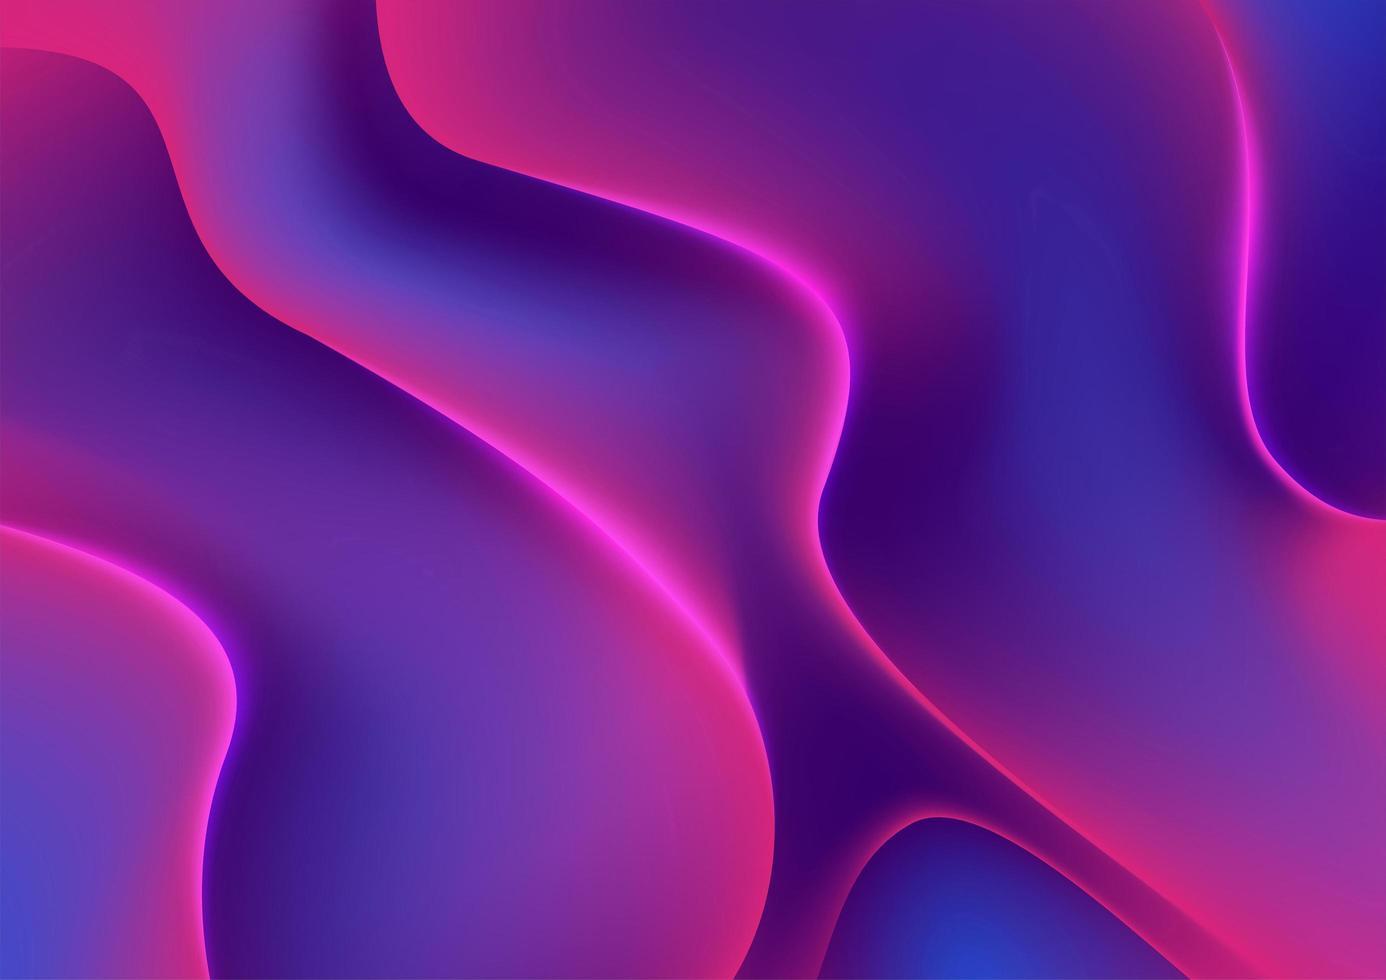 tissu abstrait rose violet luisant vecteur